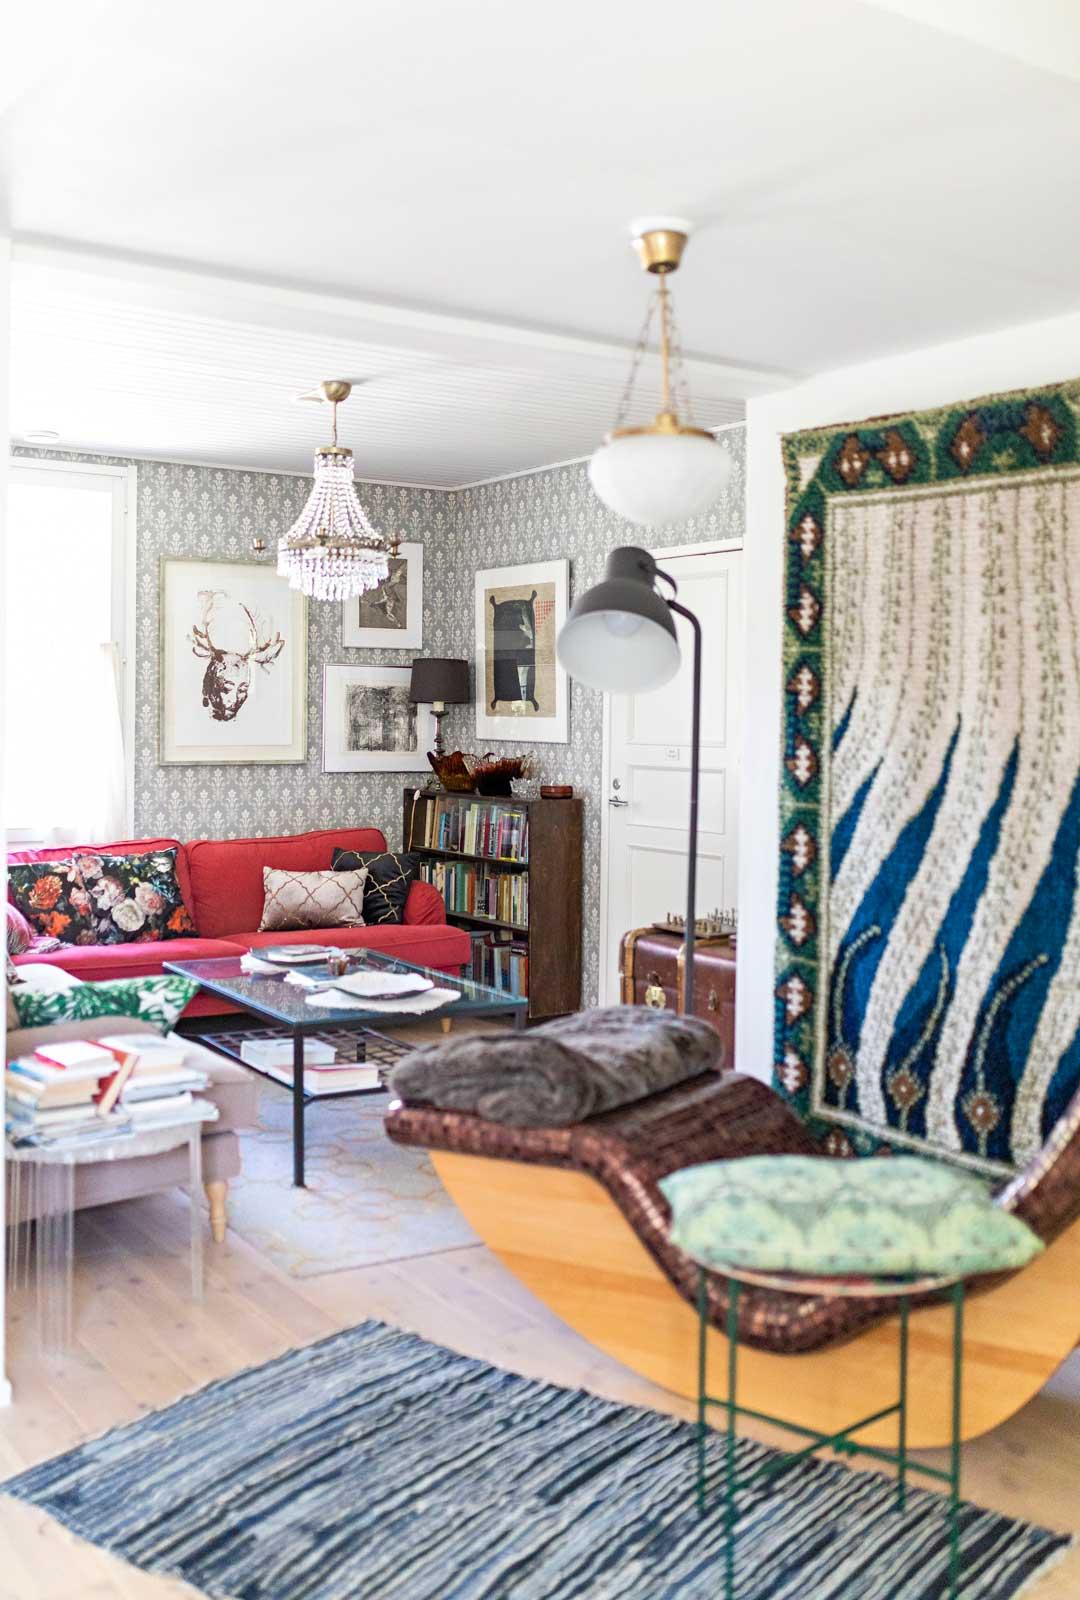 Lämpiävä kylpylätuoli, Akseli Gallen-Kallelan Liekki-ryijy ja taidelasiesineet ovat kauniita katseenvangitsijoita.